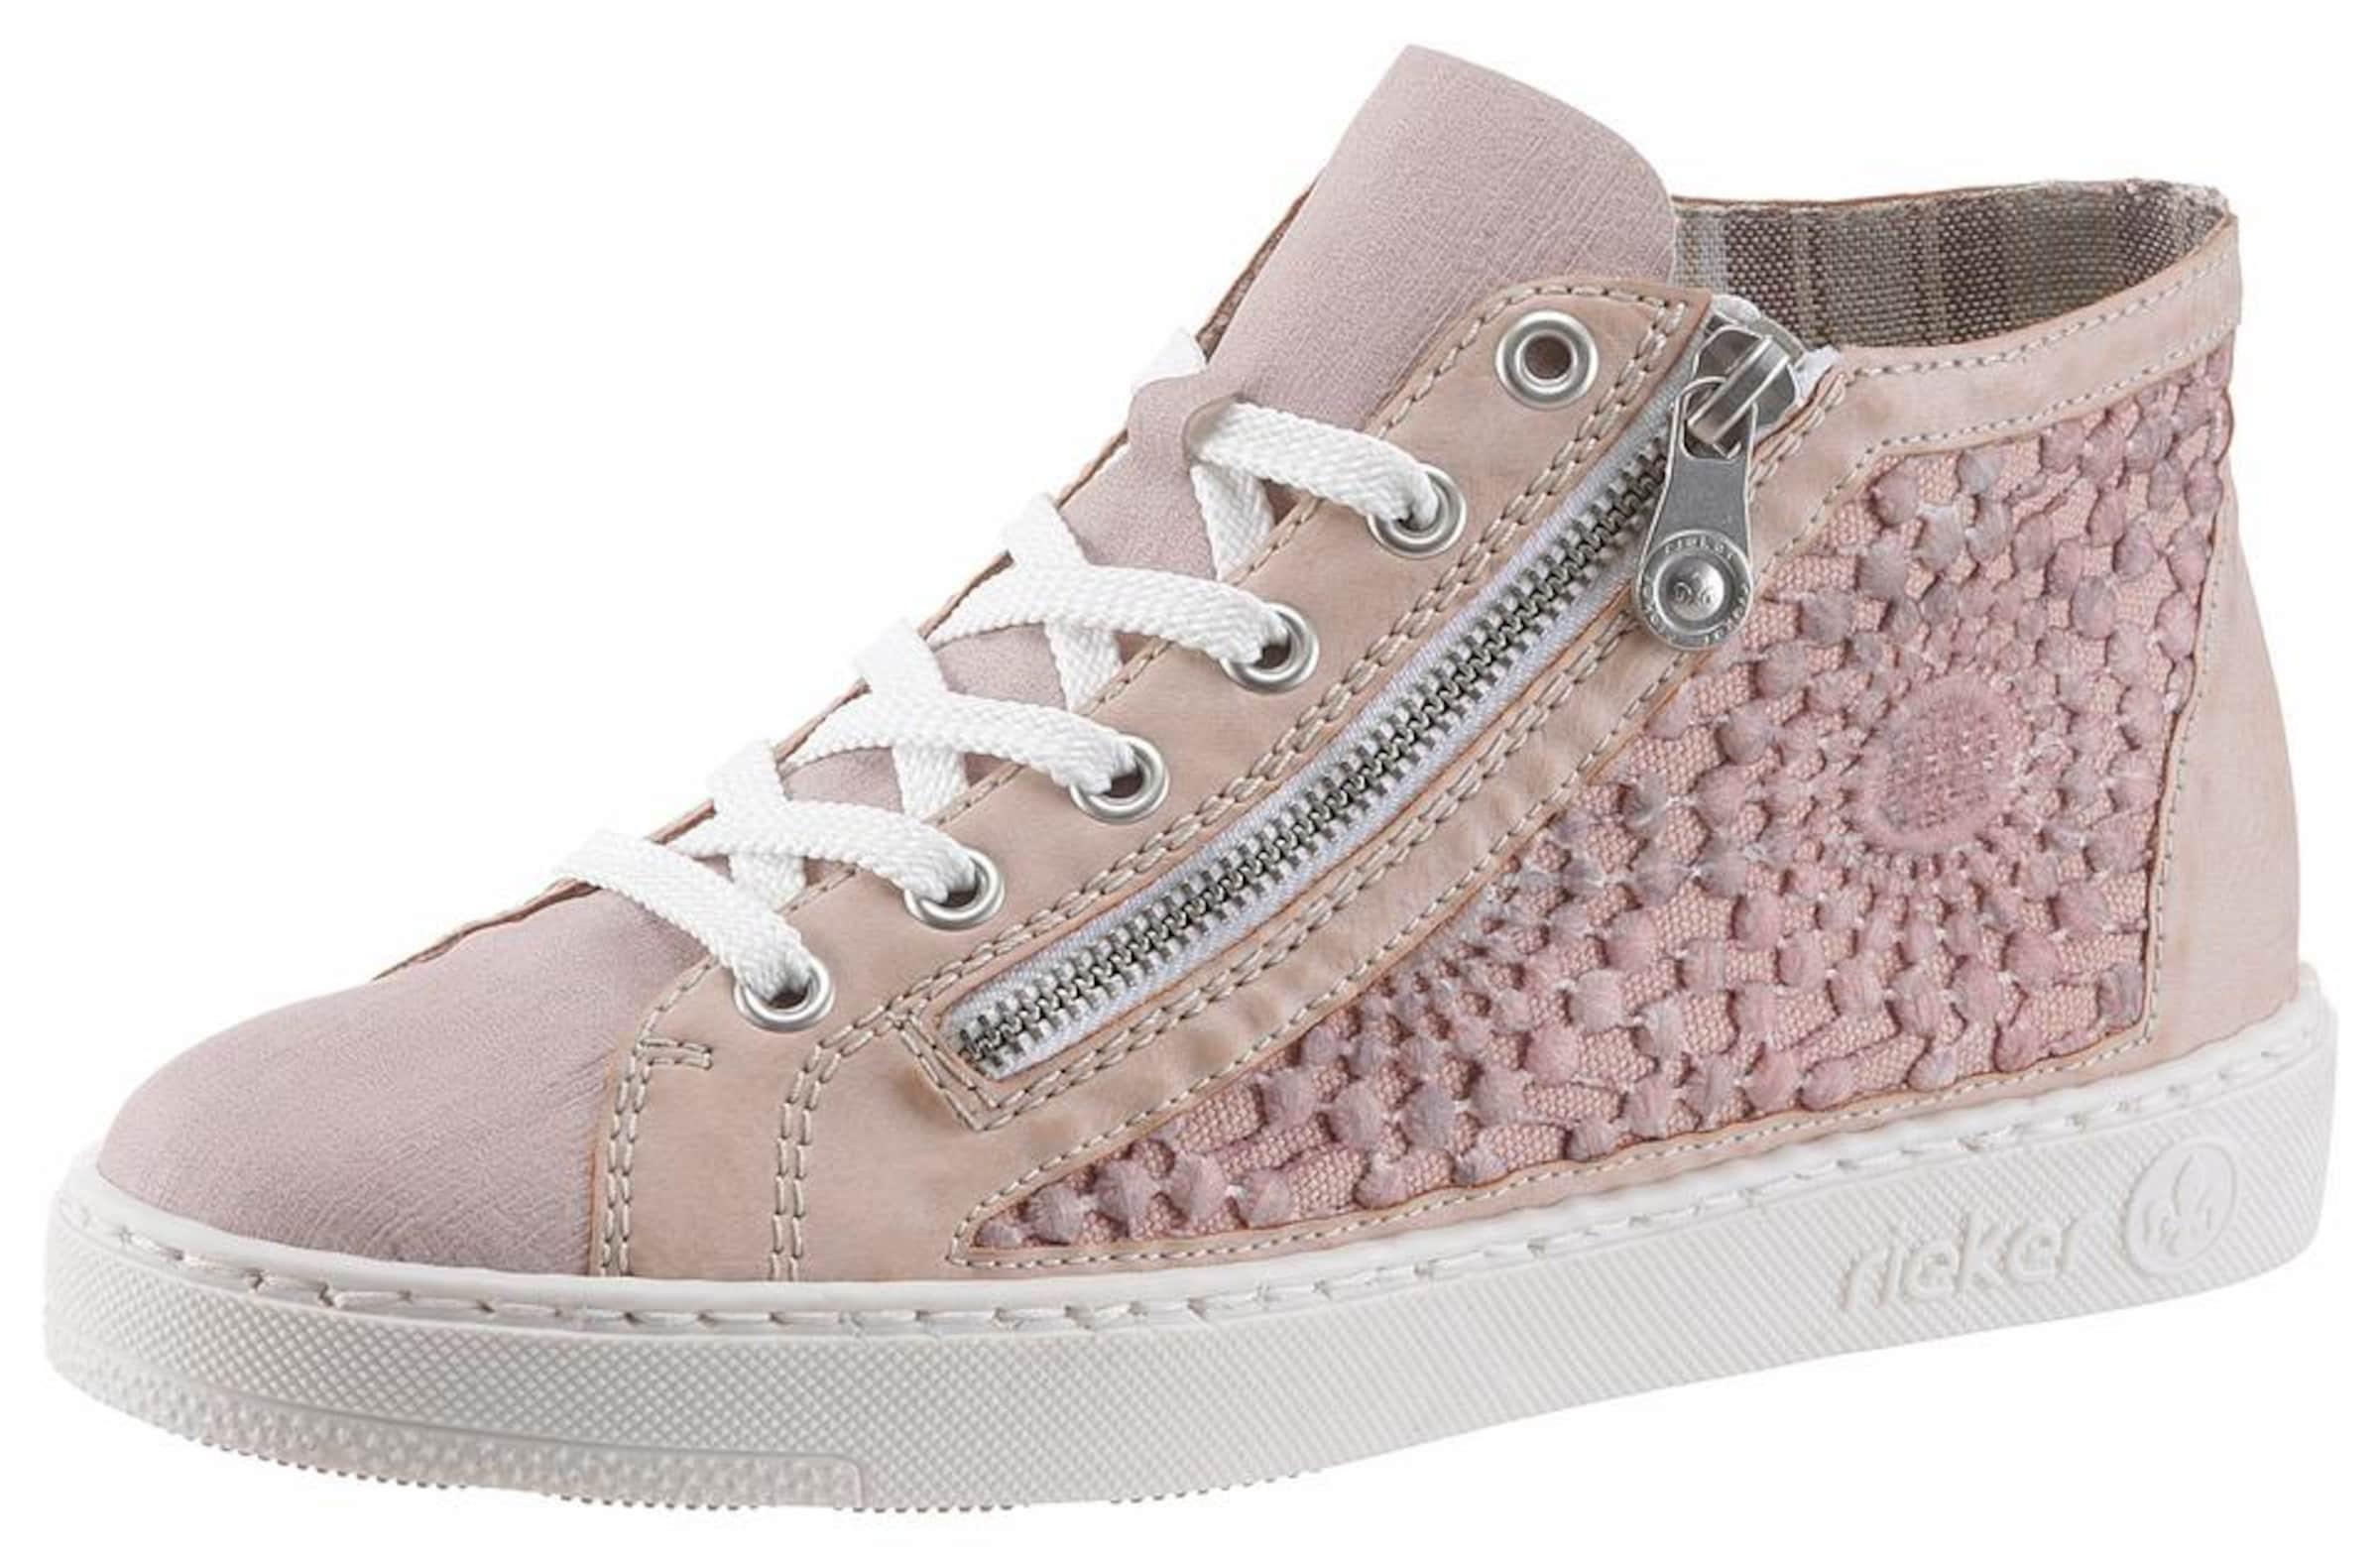 RIEKER Sneaker mit Spitze Günstige und langlebige Schuhe